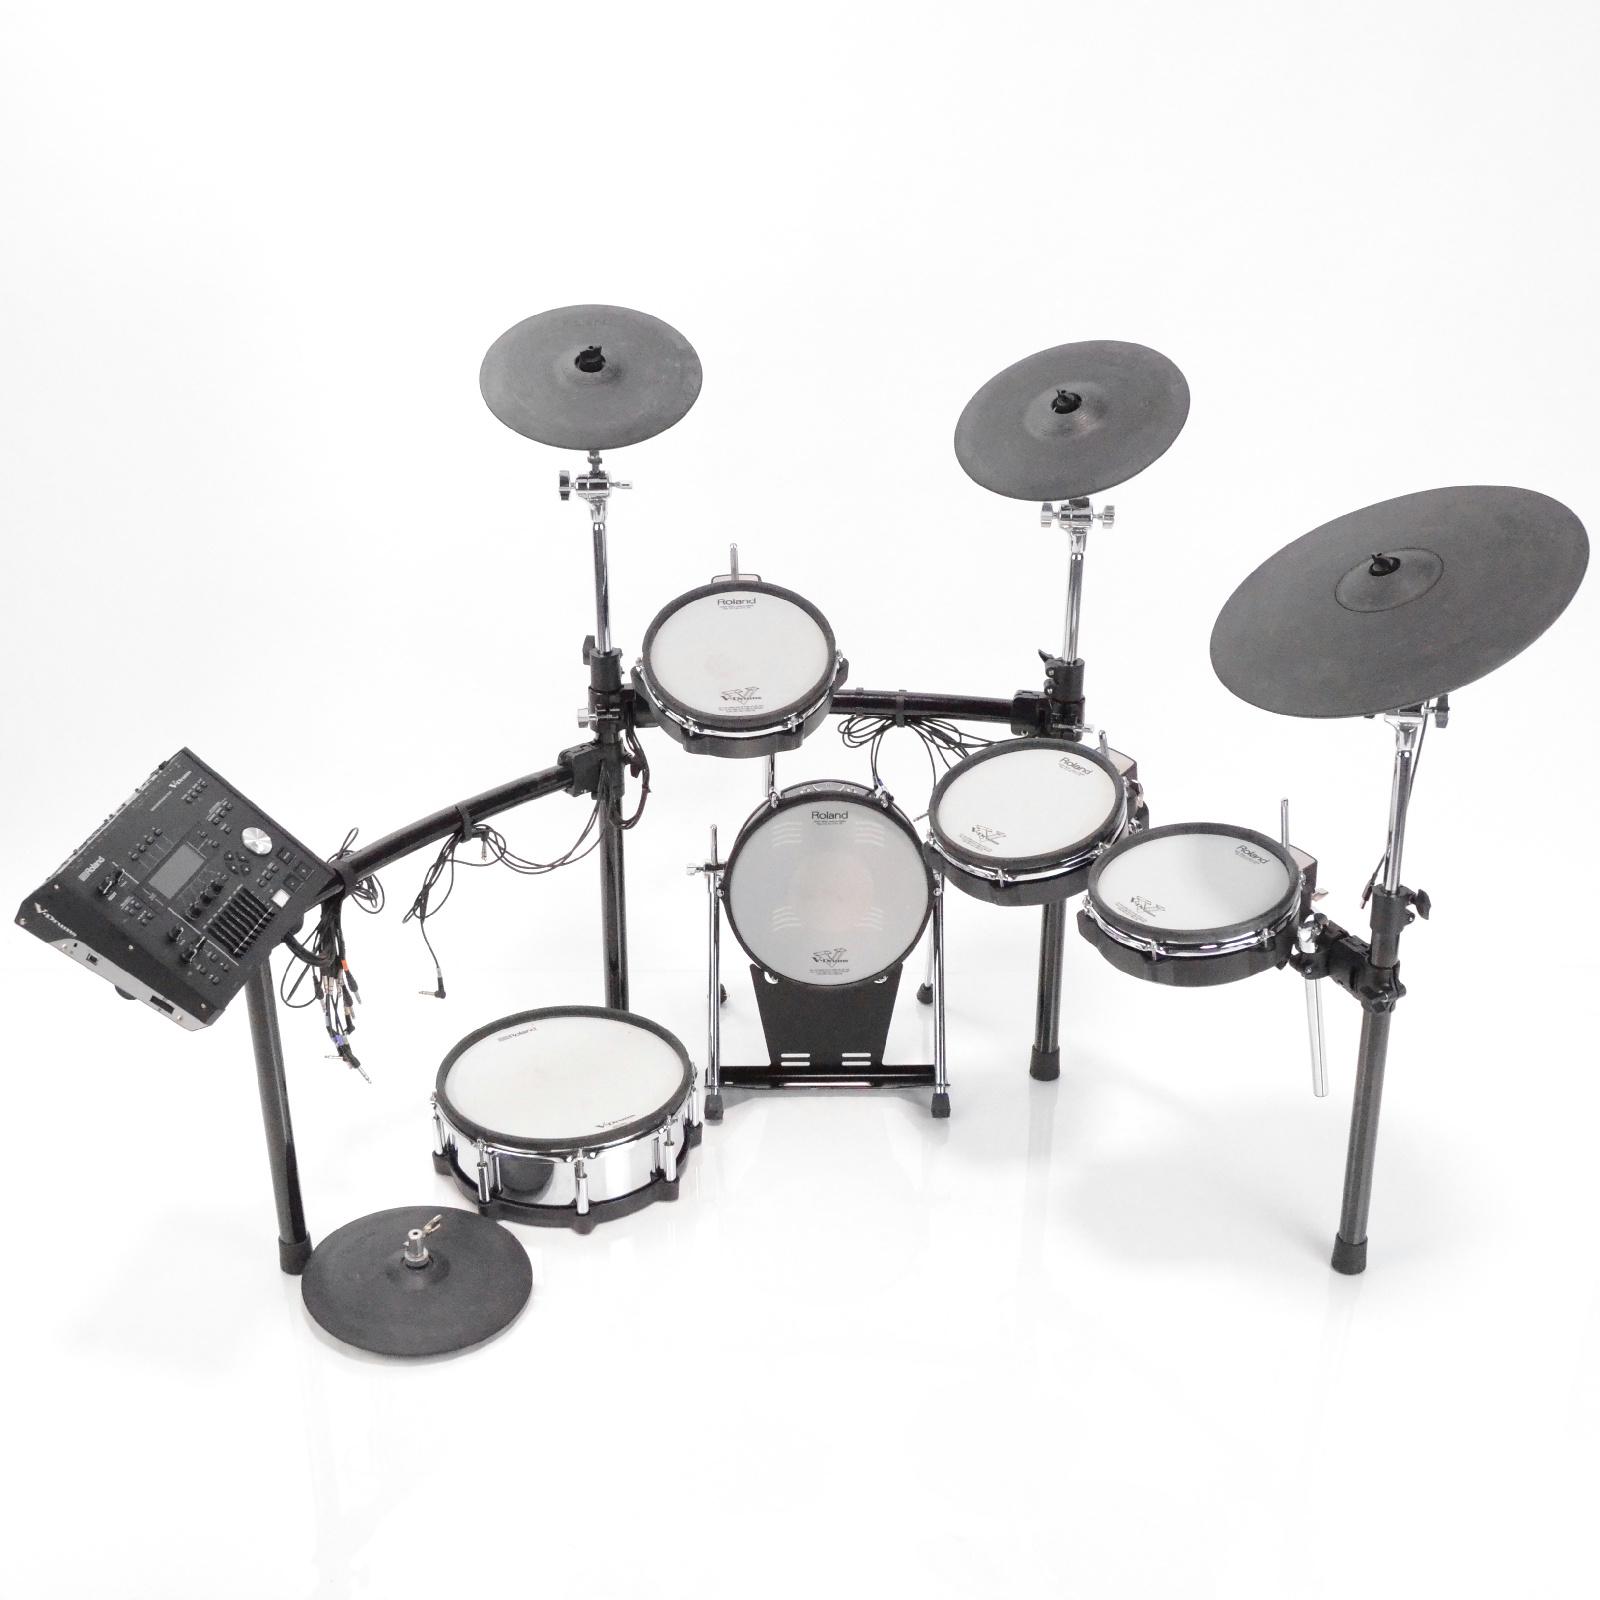 Roland TD-50 V-Drums Complete 5 Pc Electronic Drum Kit TD-50KV #32985